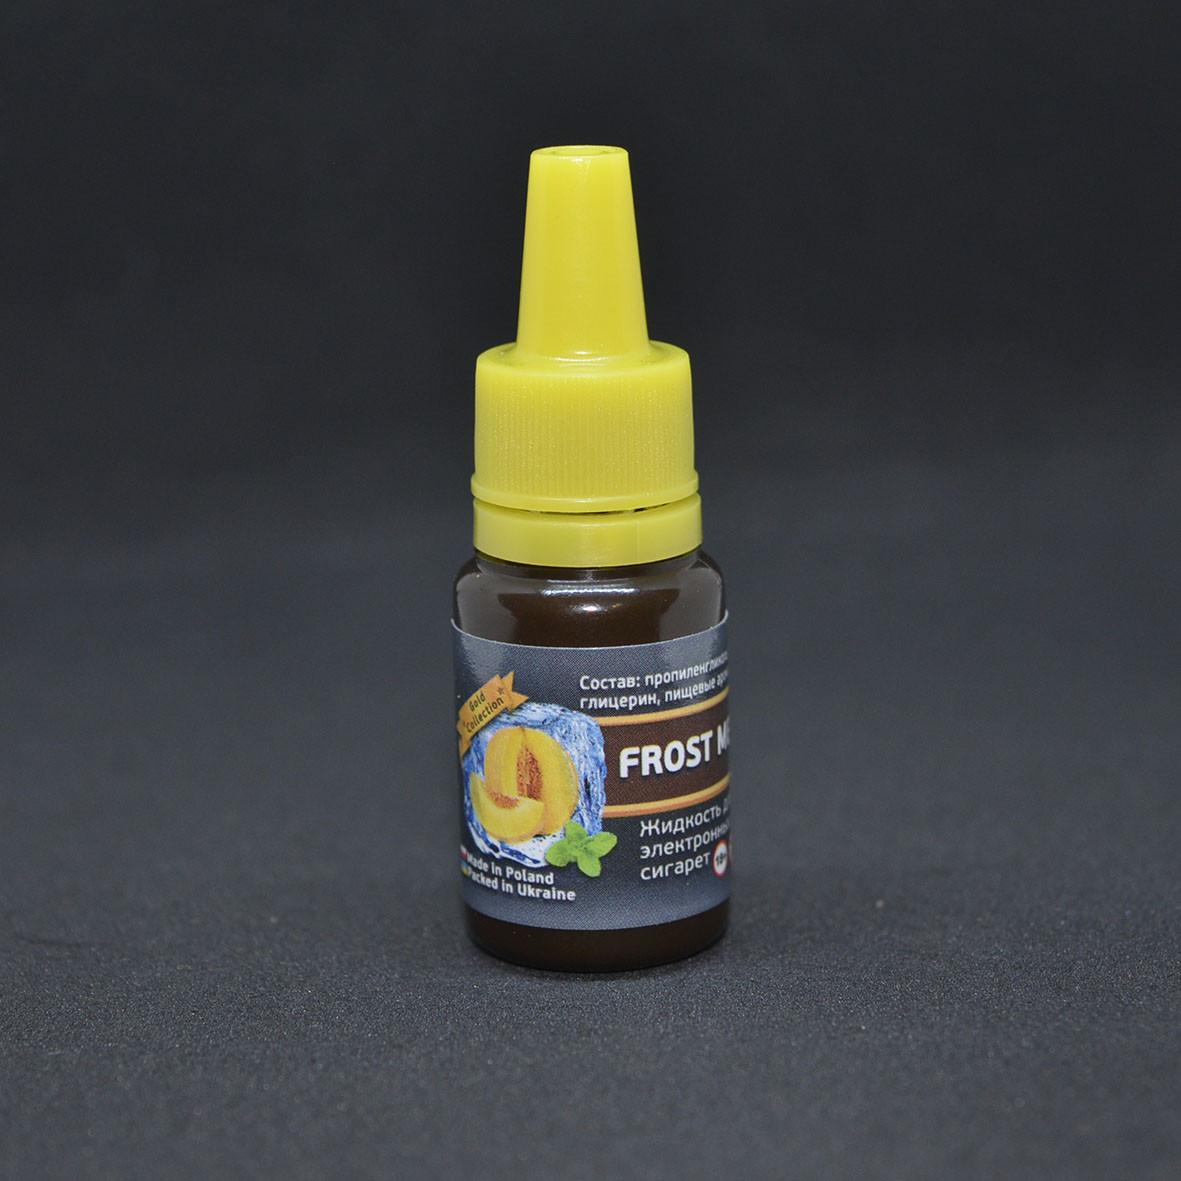 Жидкость для электронной сигареты купить купить сигареты от 1 блока в москве дешево